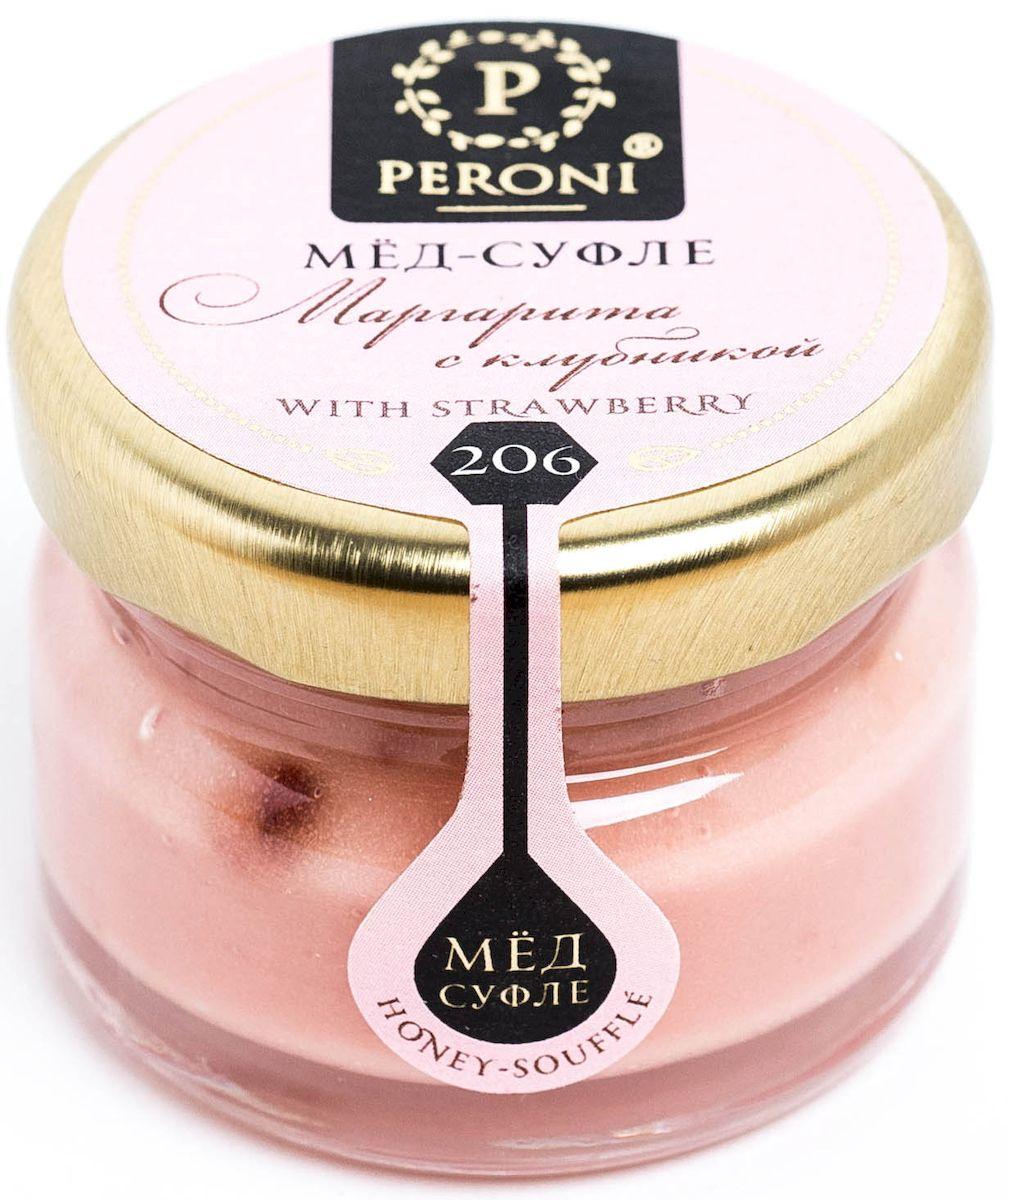 Peroni Маргарита с клубникой мёд-суфле, 30 г204Нежный сливочно-розоватый мёд-суфле Peroni с восхитительным ароматом лета. Клубника - королева десертов, любимица всех взрослых и детей. Вкус напоминает нежное клубничное мороженое или земляничный мусс.Для получения меда-суфле используются специальные технологии. Мёд долго вымешивается при определенной скорости, после чего его выдерживают при температуре 12-14 градусов по Цельсию, тем самым закрепляя его нужную консистенцию. Все полезные свойства меда при этом сохраняются.Клубника — по содержанию витамина С уступает только черной смородине и во много раз превосходит апельсин. Мед с клубникой прекрасно укрепляет организм, и радует душу.